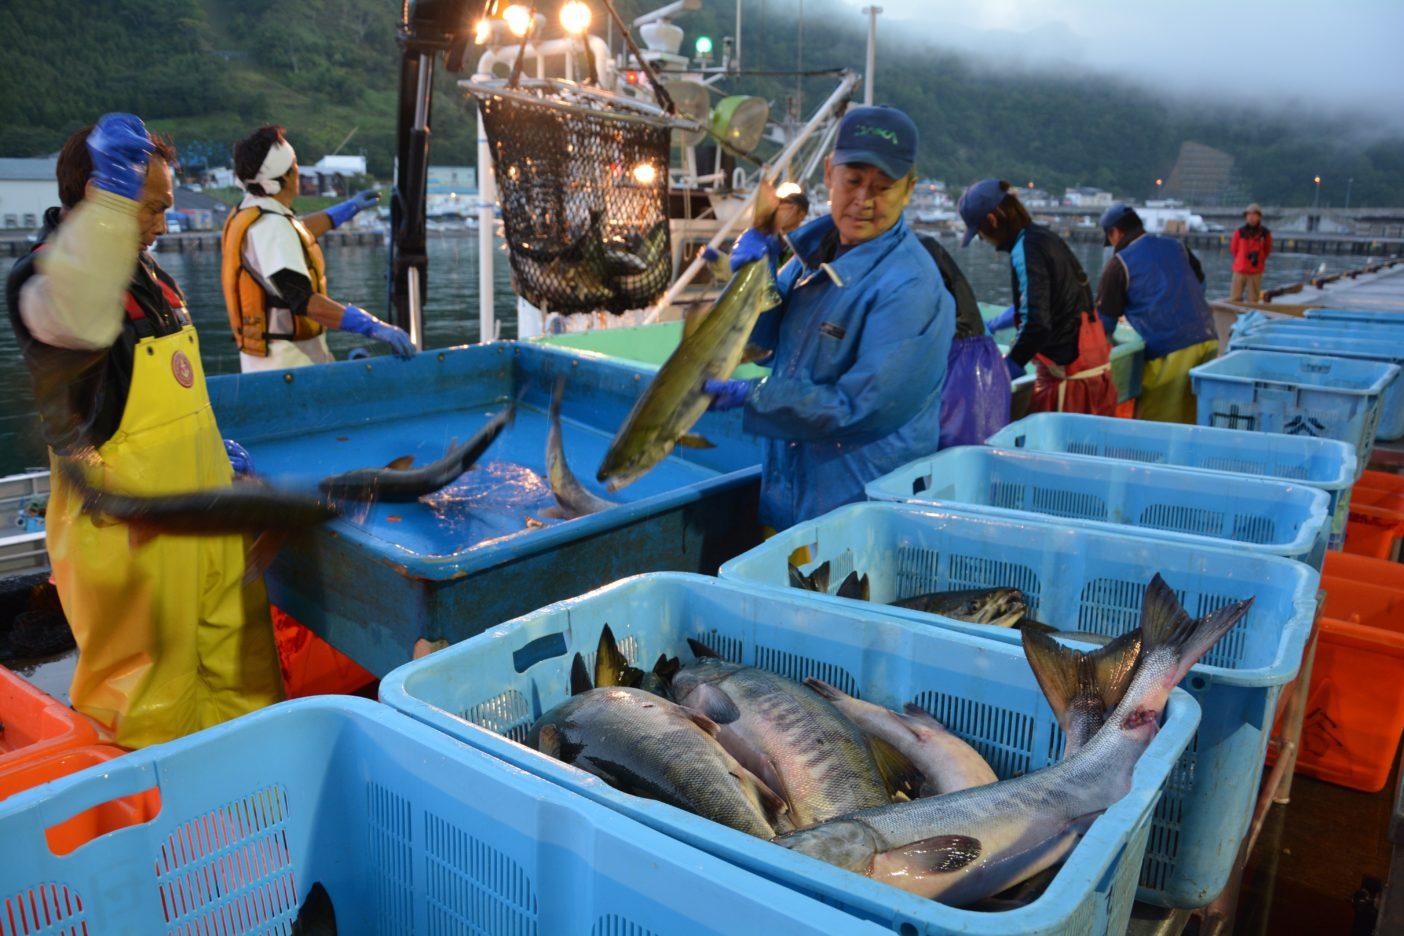 水揚げされたサケを港で漁師が品質などによって仕分けをする。このあと産地市場で競りにかけられる。写真:村上春二